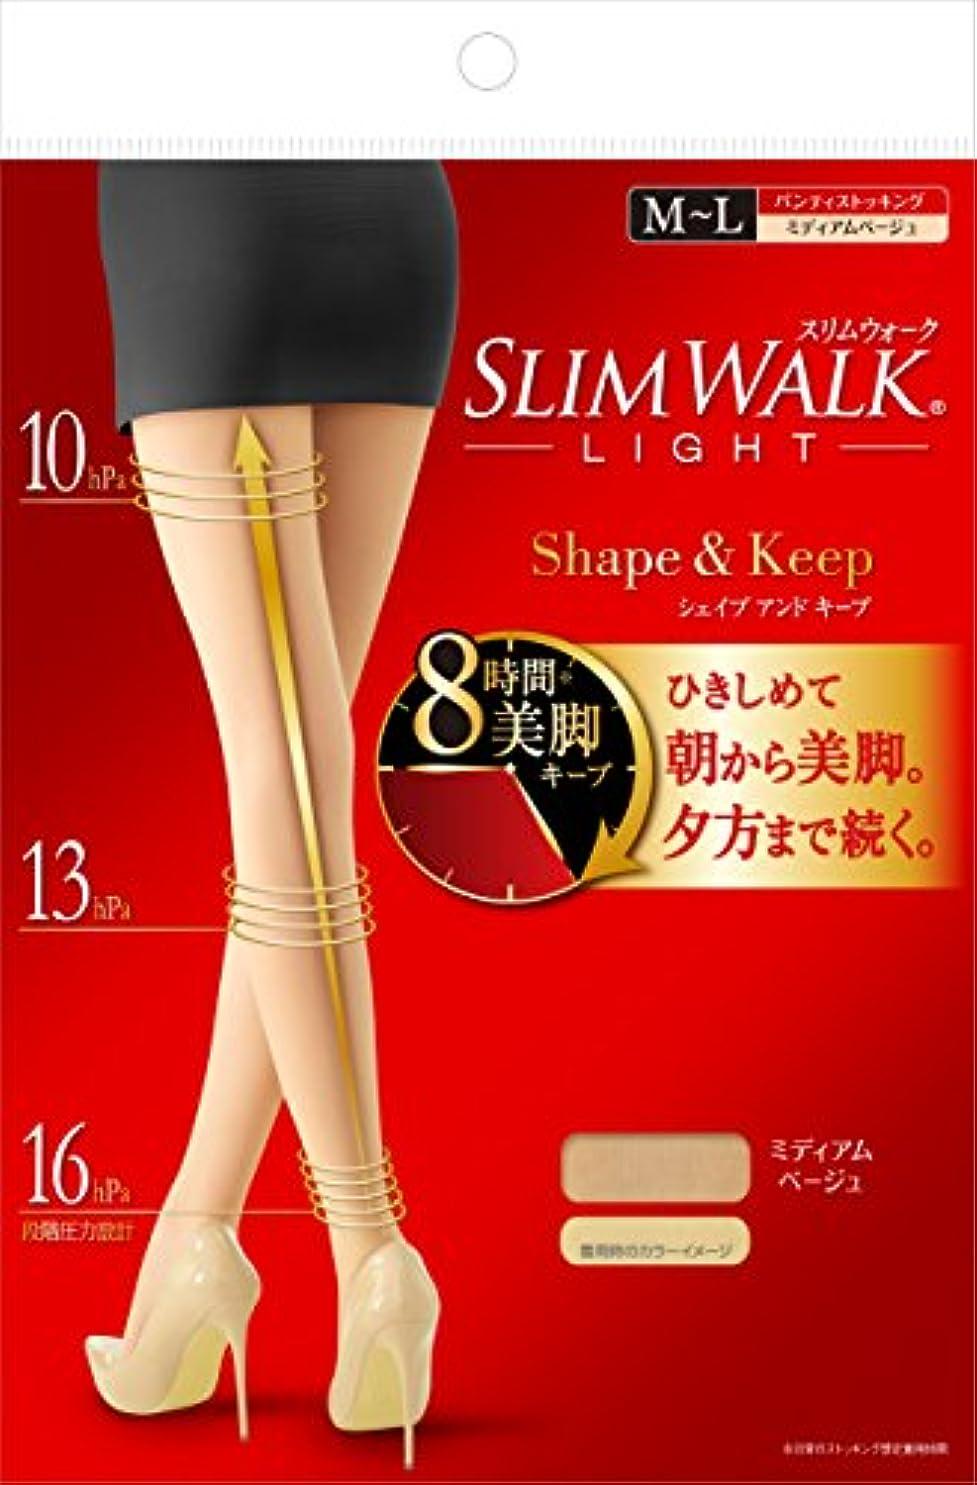 メンタル容疑者フロントスリムウォーク (SLIM WALK) シェイプアンドキープ(Shape&Keep) パンティストッキング ミディアムベージュ M~Lサイズ(Panty stocking,Medium Beige,ML) 着圧 ストッキング...